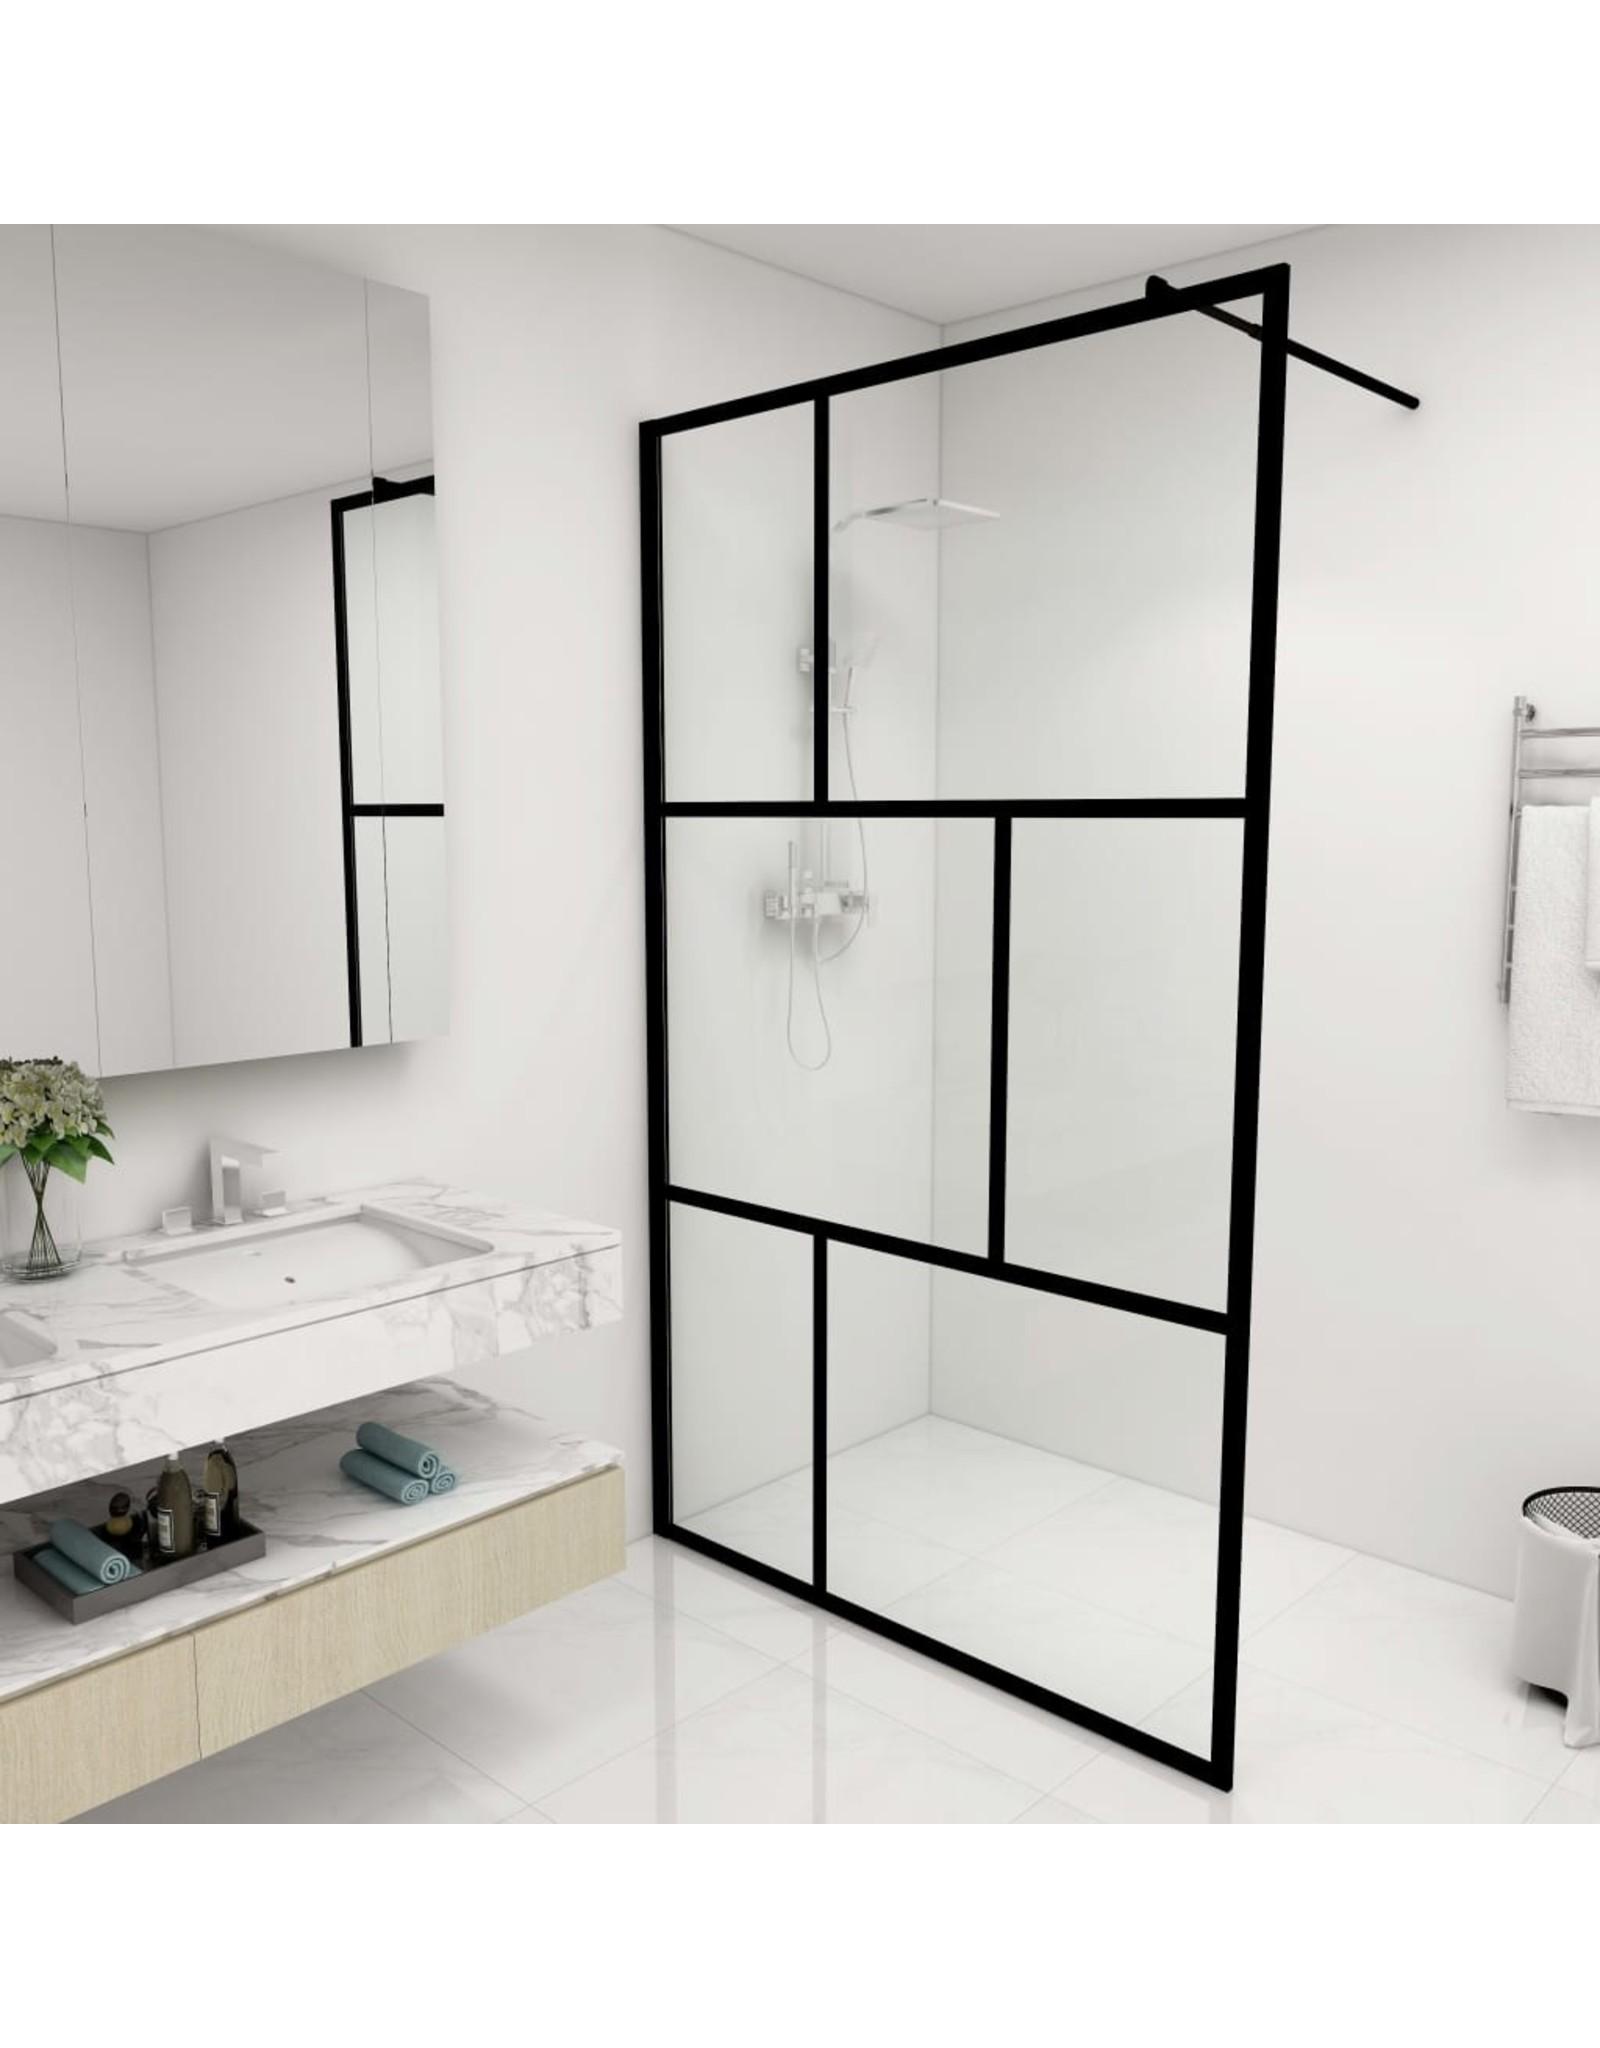 Inloopdouchewand 115x195 cm gehard glas zwart